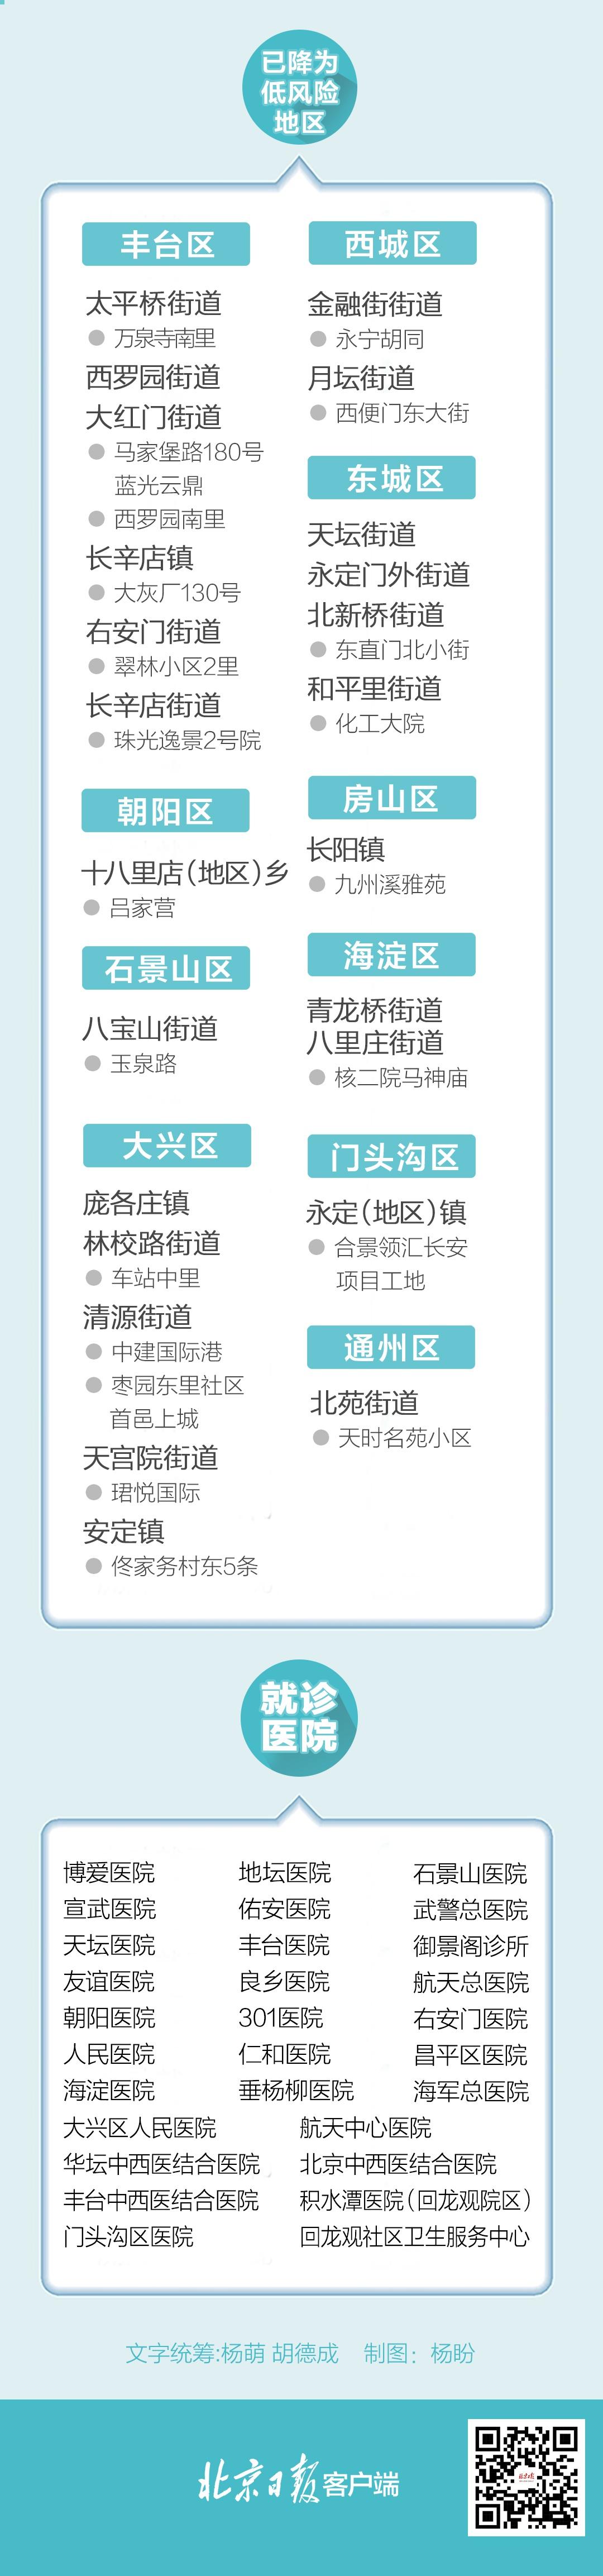 一图尽览:北京334例确诊病例情况汇总 涉及这些地点